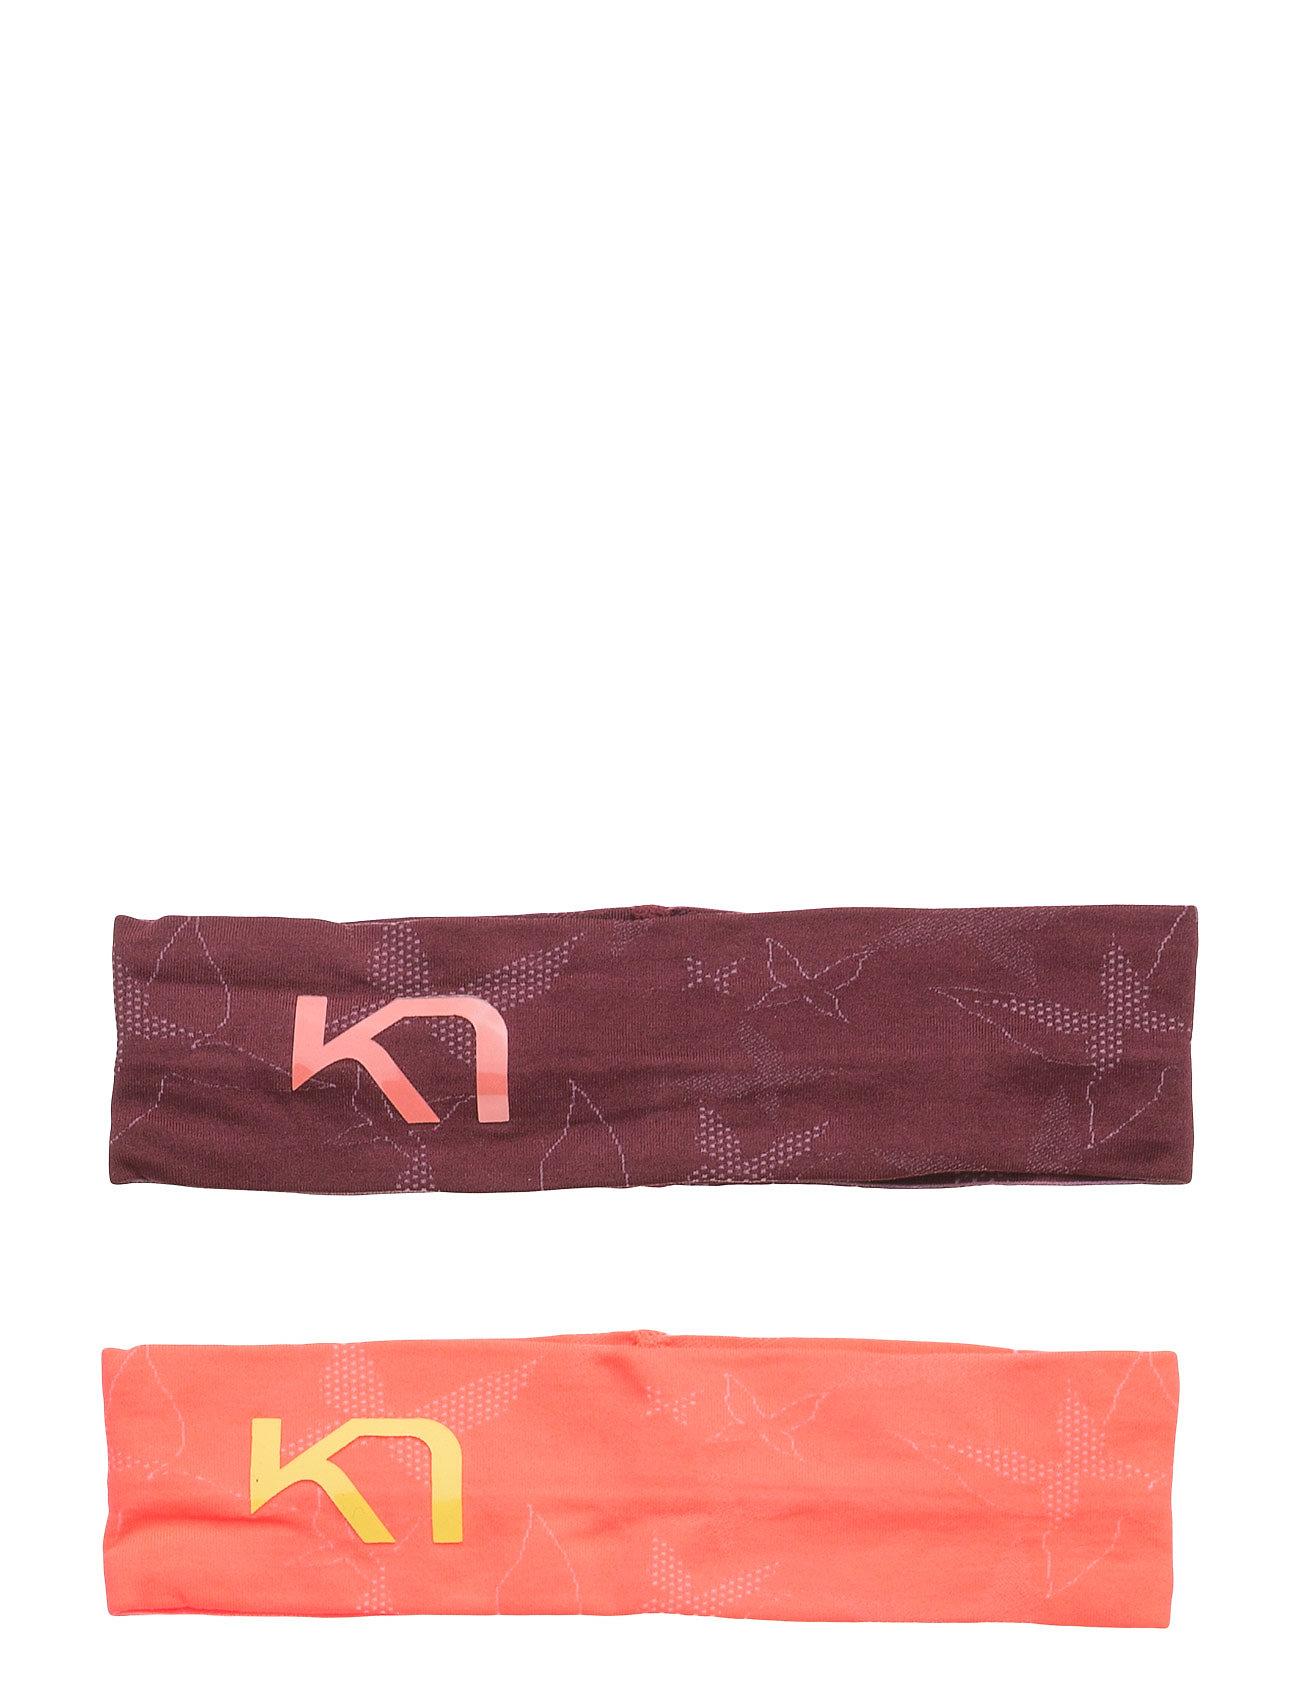 Butterfly Headband 2pk Kari Traa Sports accessories til Damer i Koral